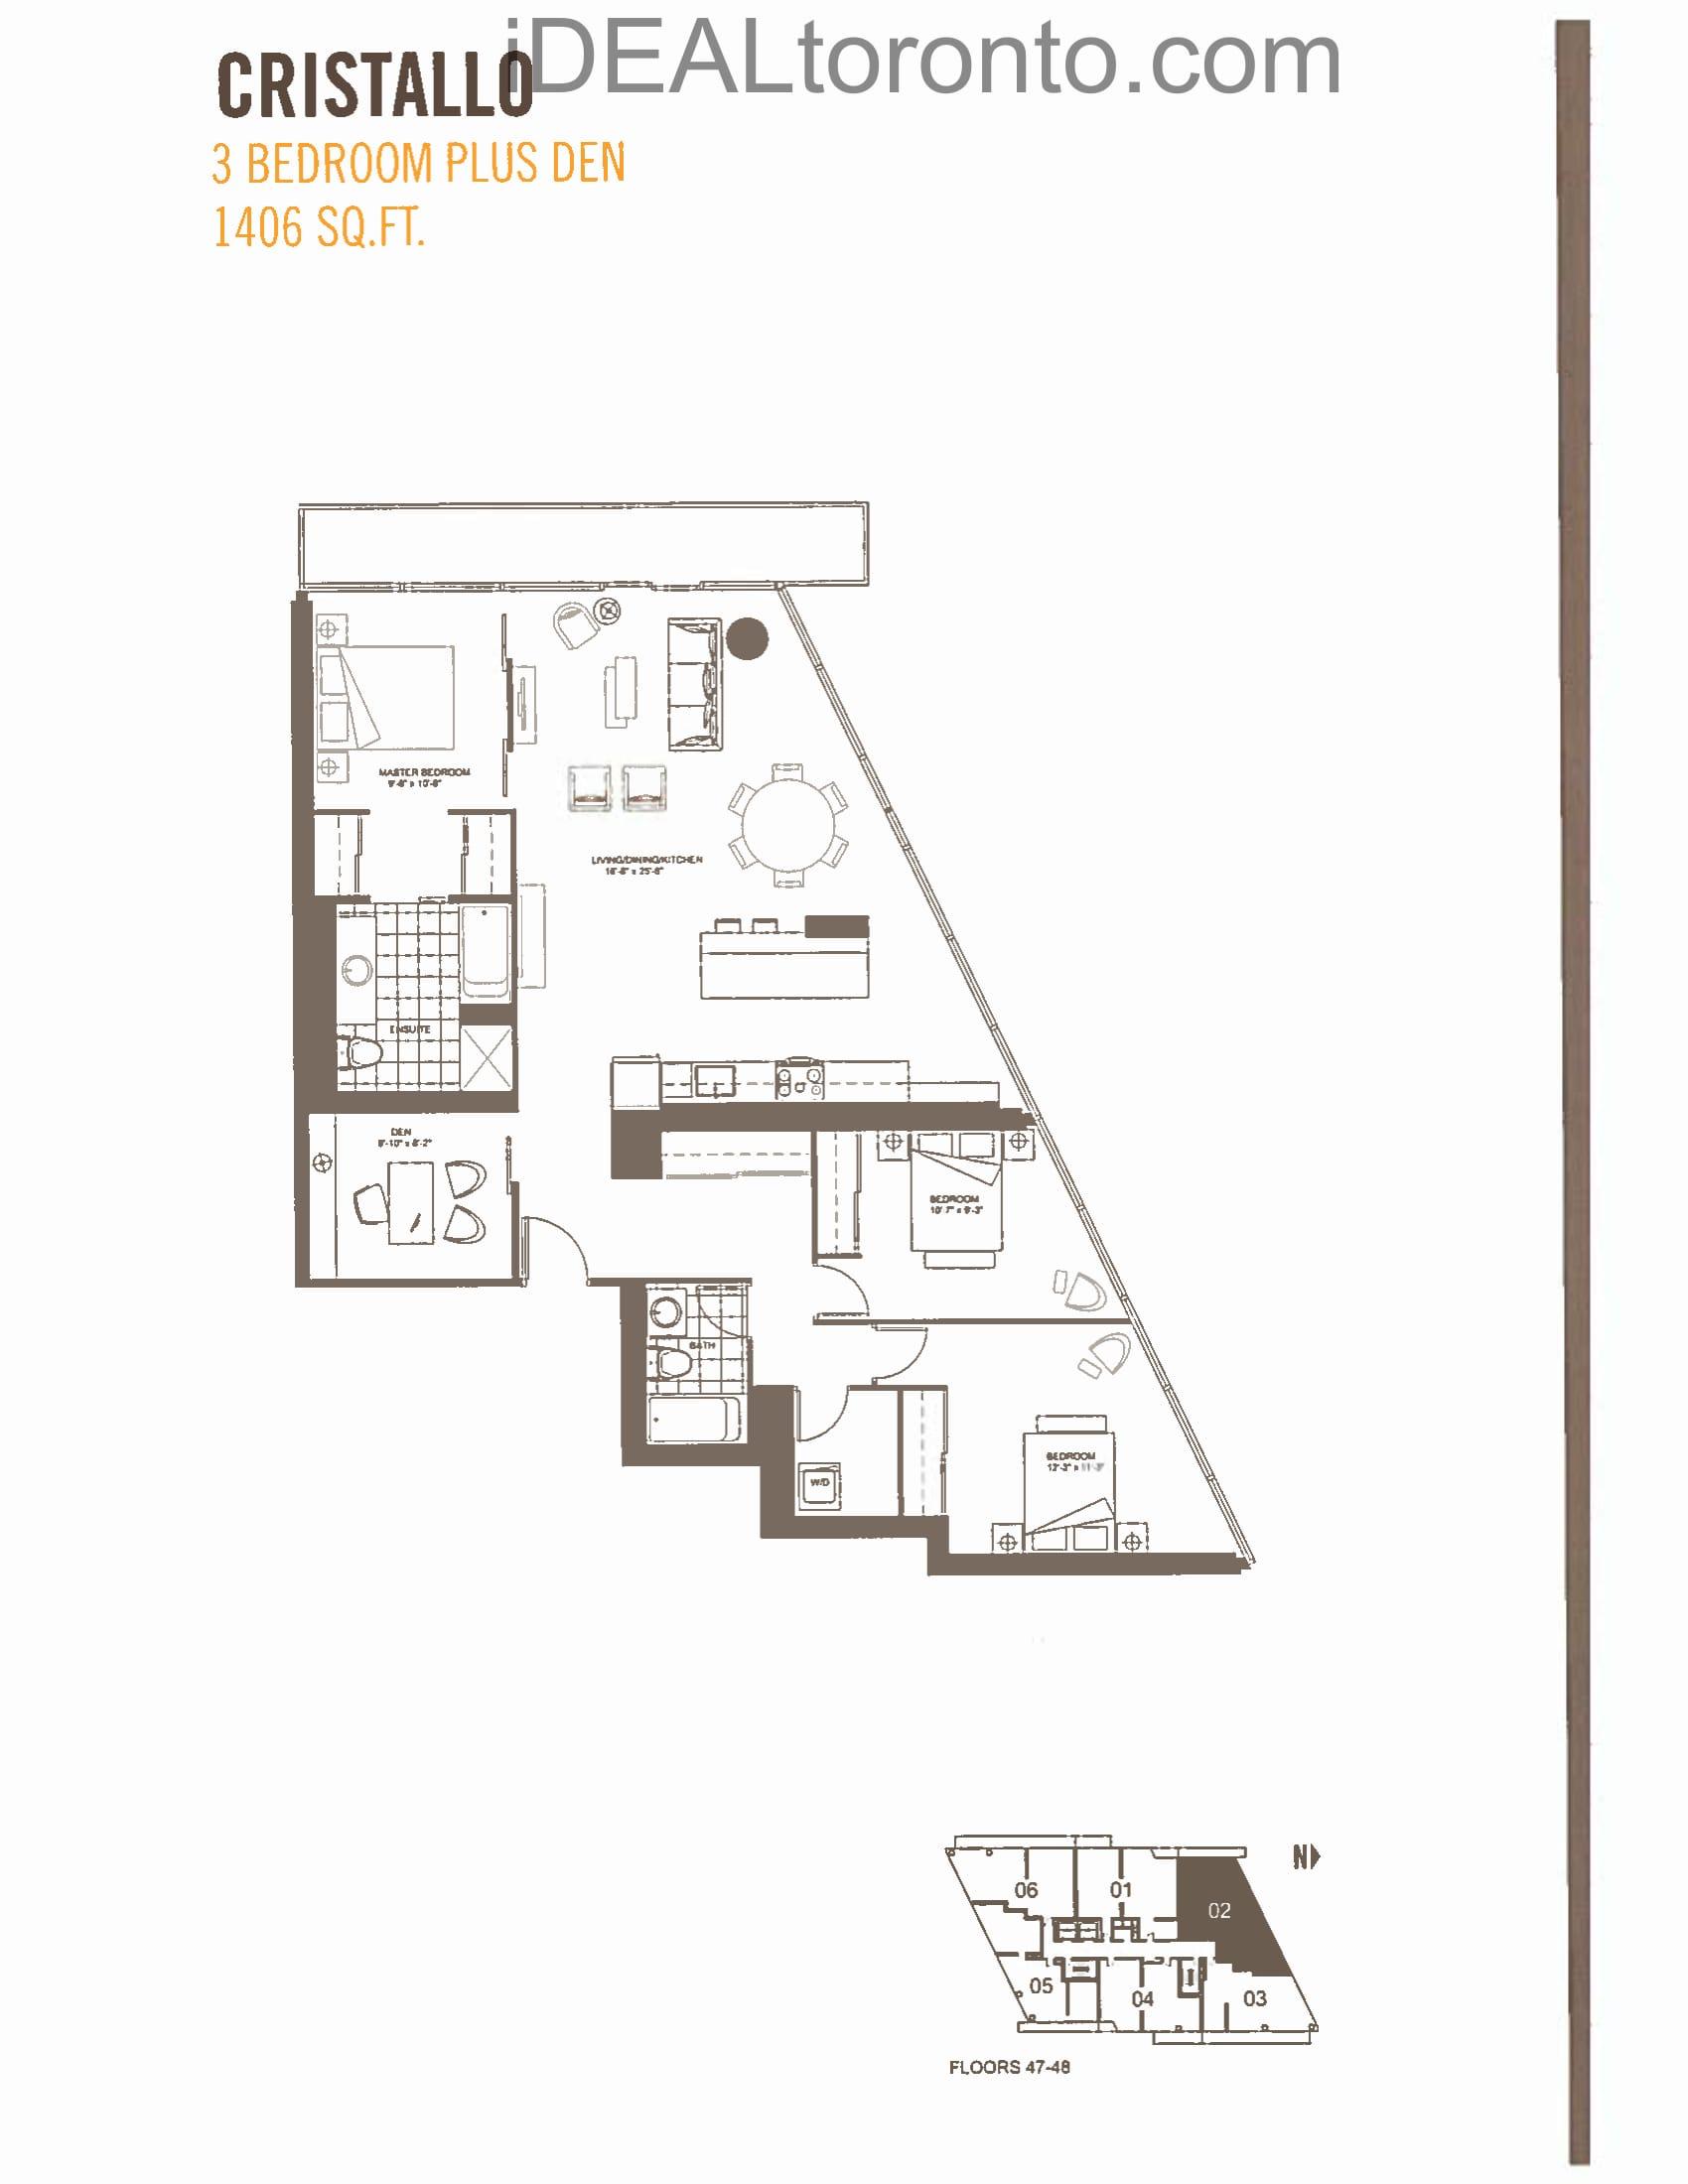 Cristallo: 3+1 Bedroom,NW, 1406 SqFt